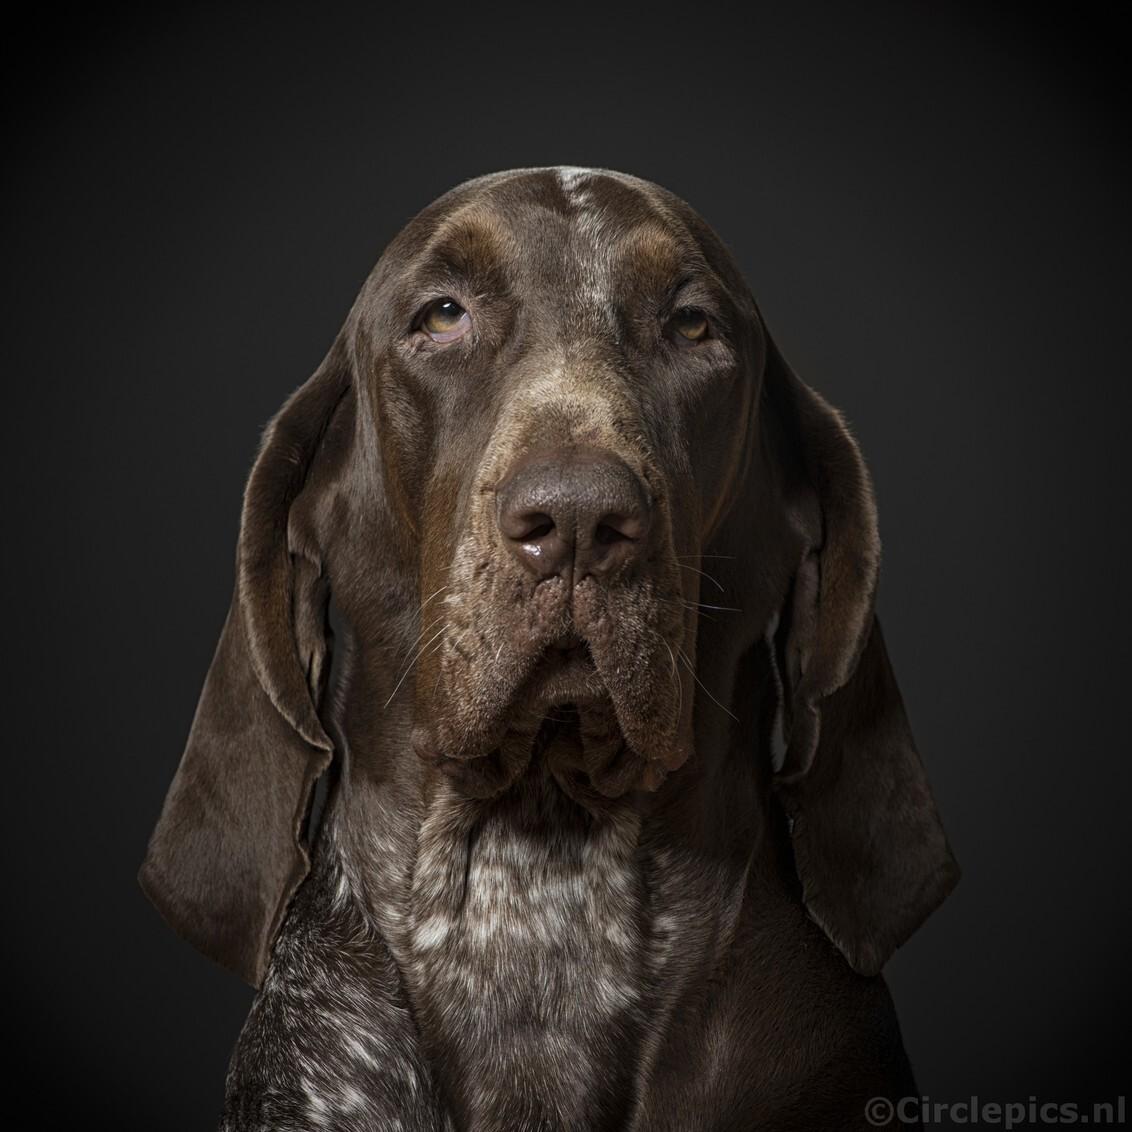 Karakter portret - Een karakterstudie van onze Lola. Of eigenlijk was het een beetje rommelen met een nieuwe flitsopstelling in de woonkamerstudio en Lola was toevallig - foto door weimaraan op 22-11-2017 - deze foto bevat: portret, dieren, huisdier, hond, nikon, jachthond, flitsfotografie, hondenportret, studiofotografie, strobist, strobistfotografie, karakterportret, Bracco Italiano, speedights